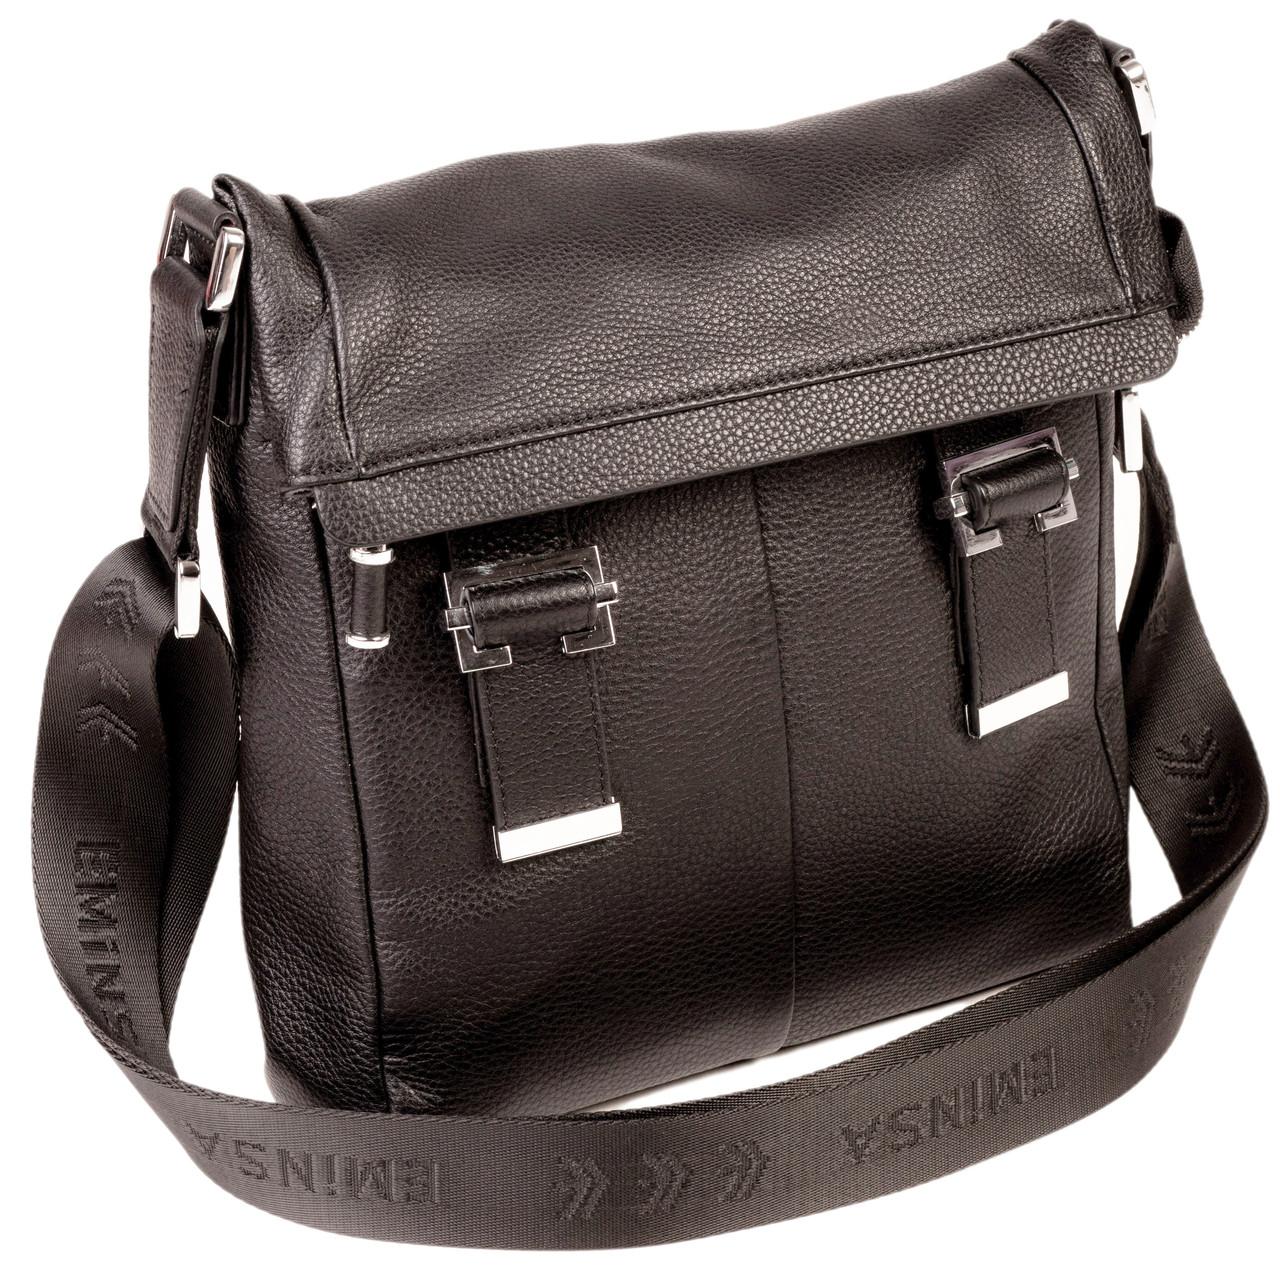 Мужская сумка Eminsa 6082-18-1 кожаная черная